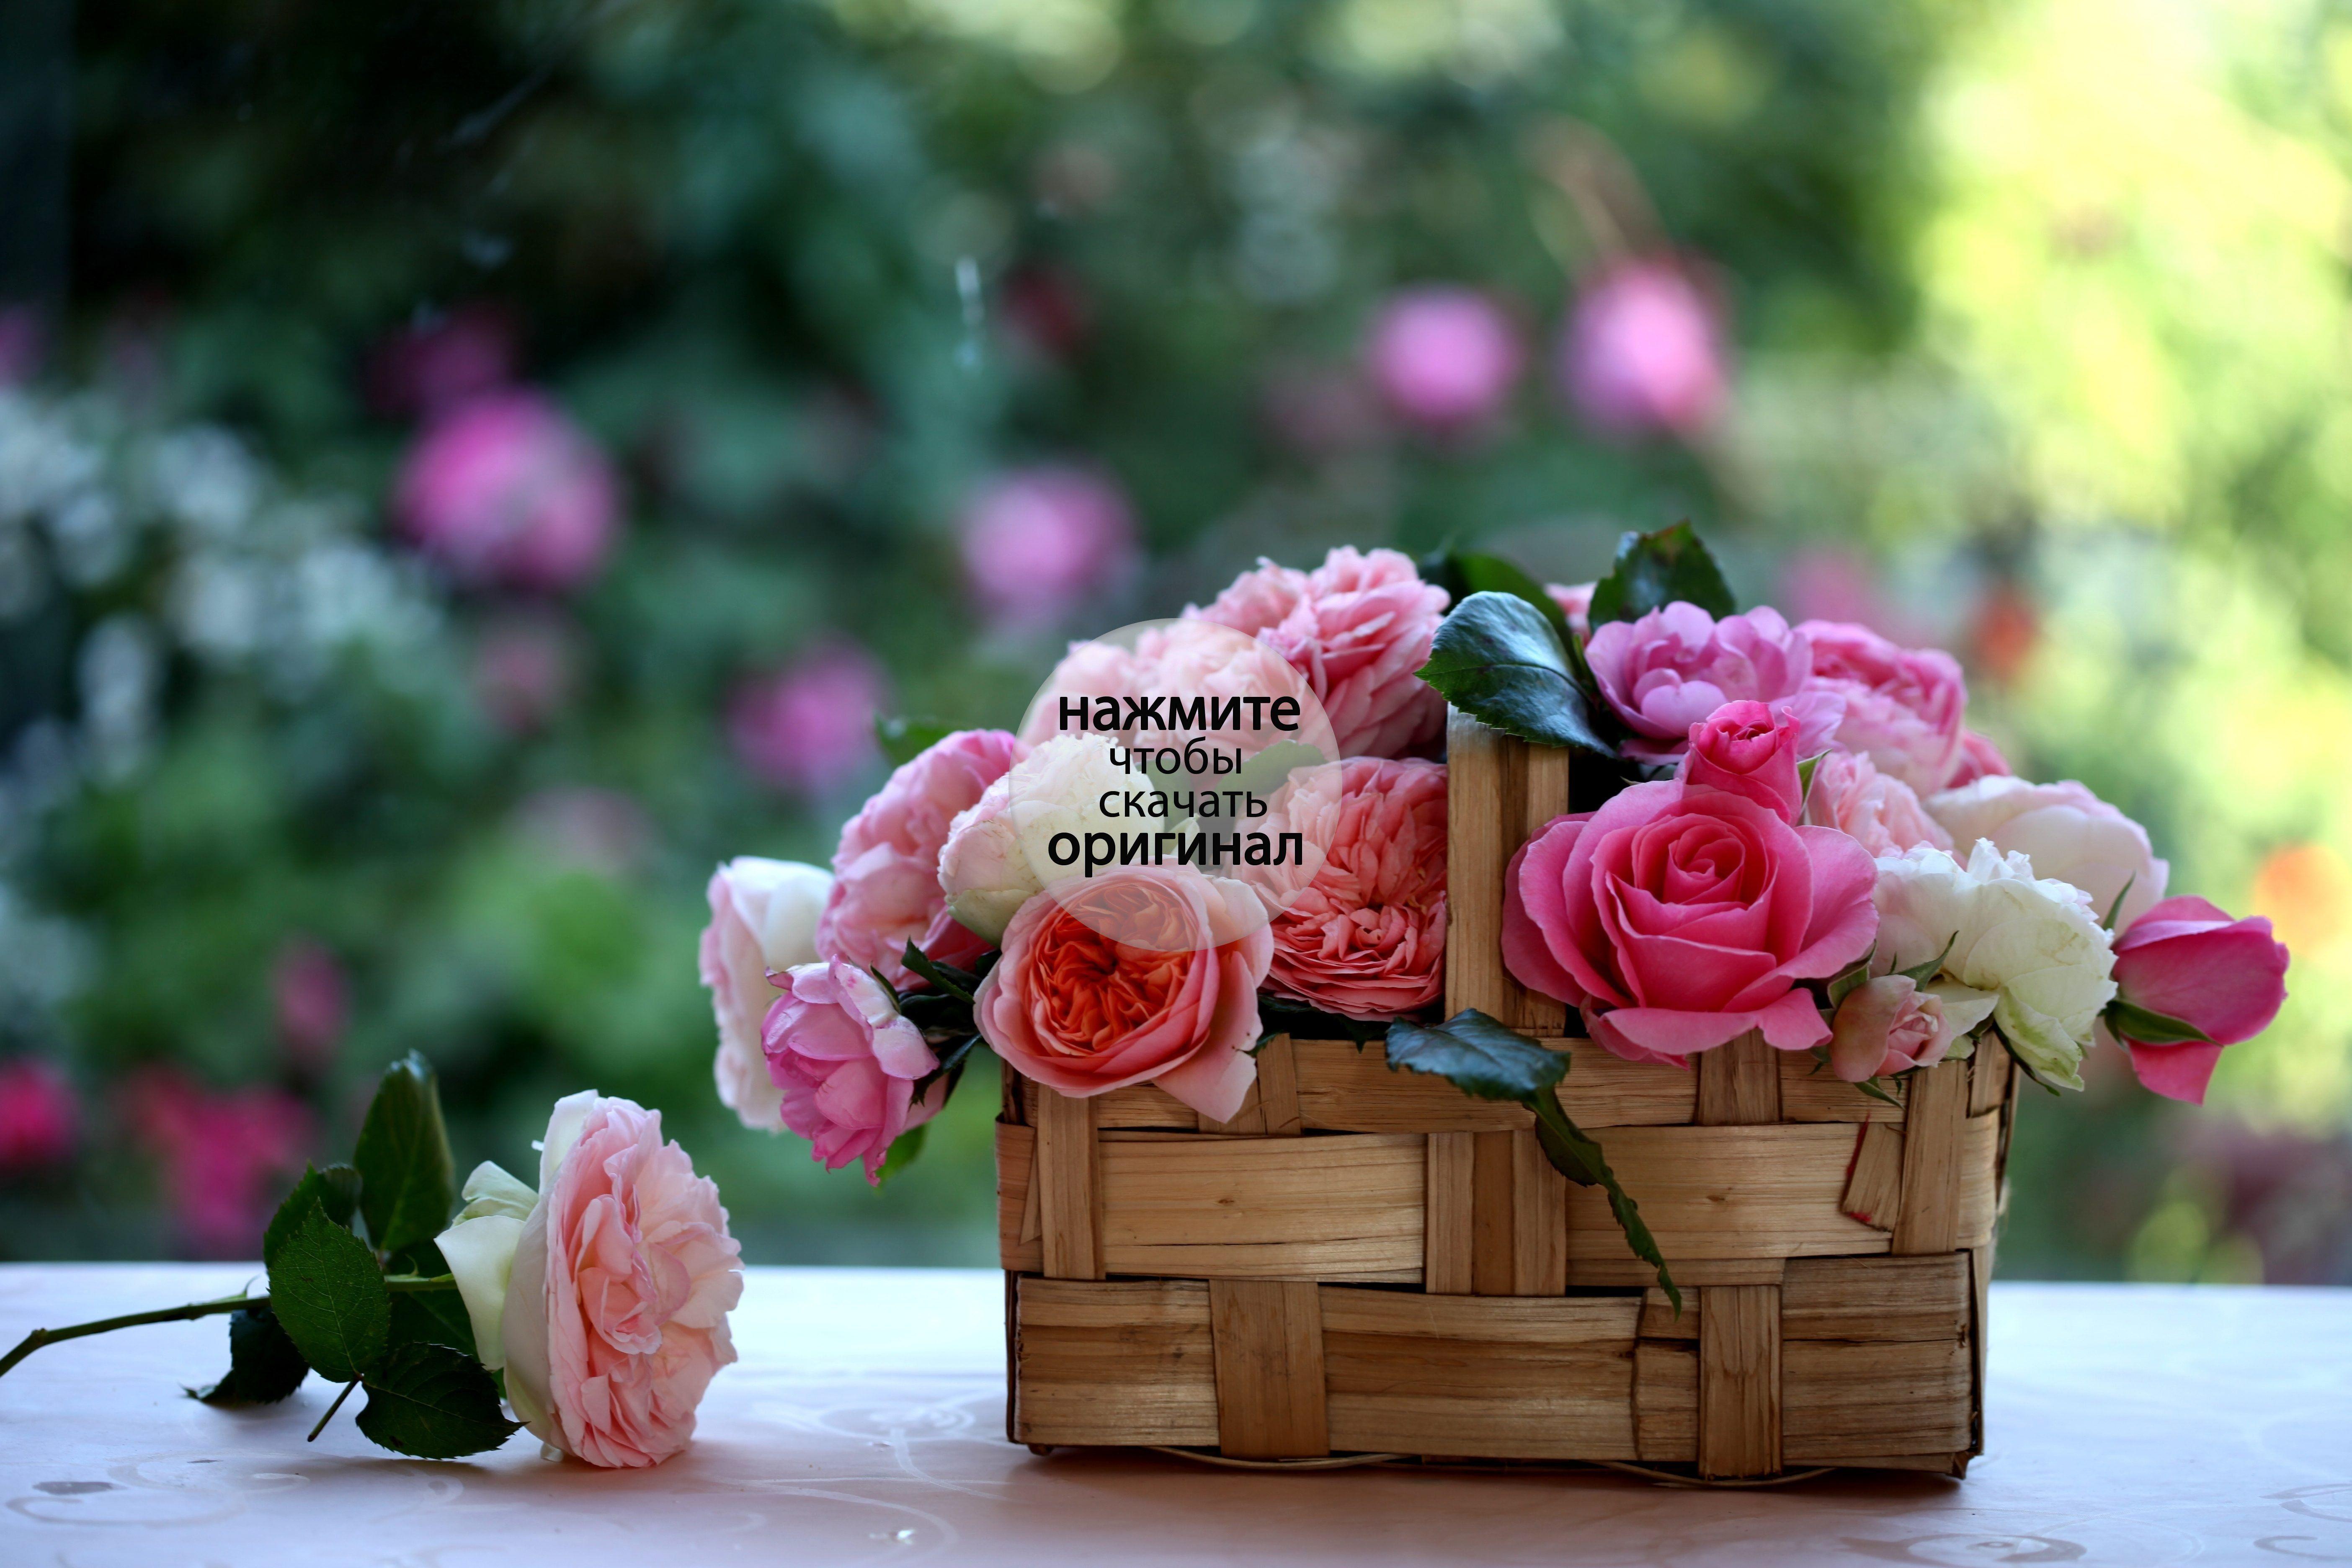 Download higher mark rosas